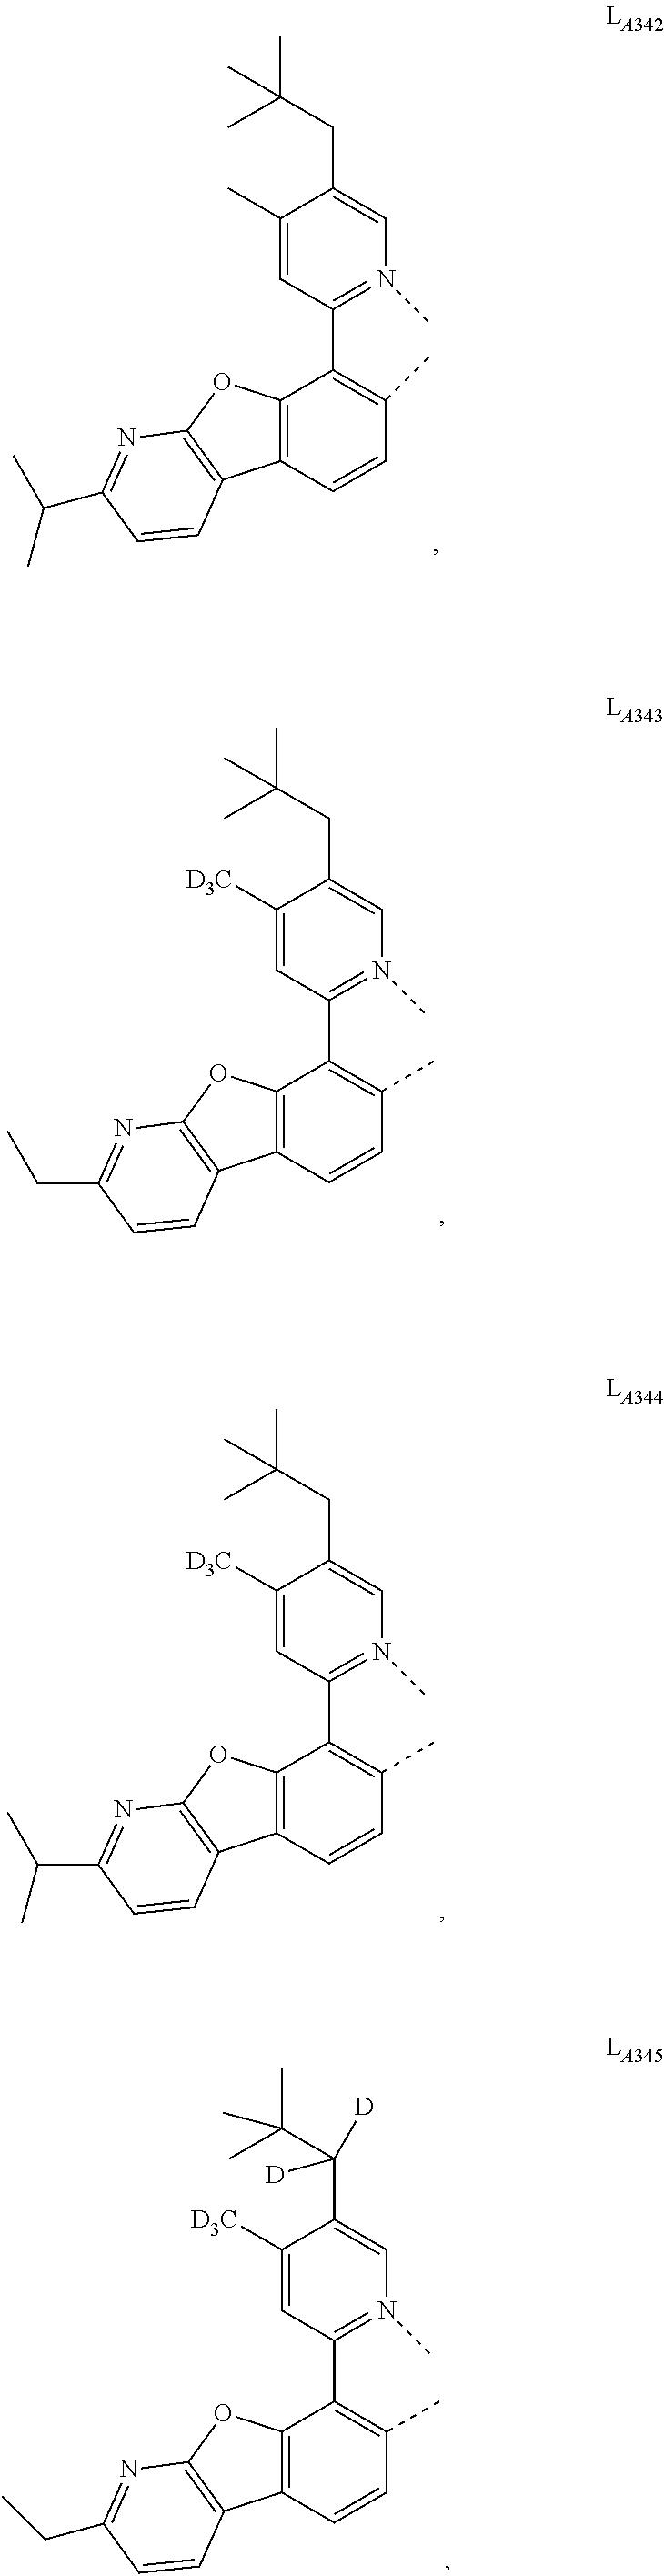 Figure US20160049599A1-20160218-C00090